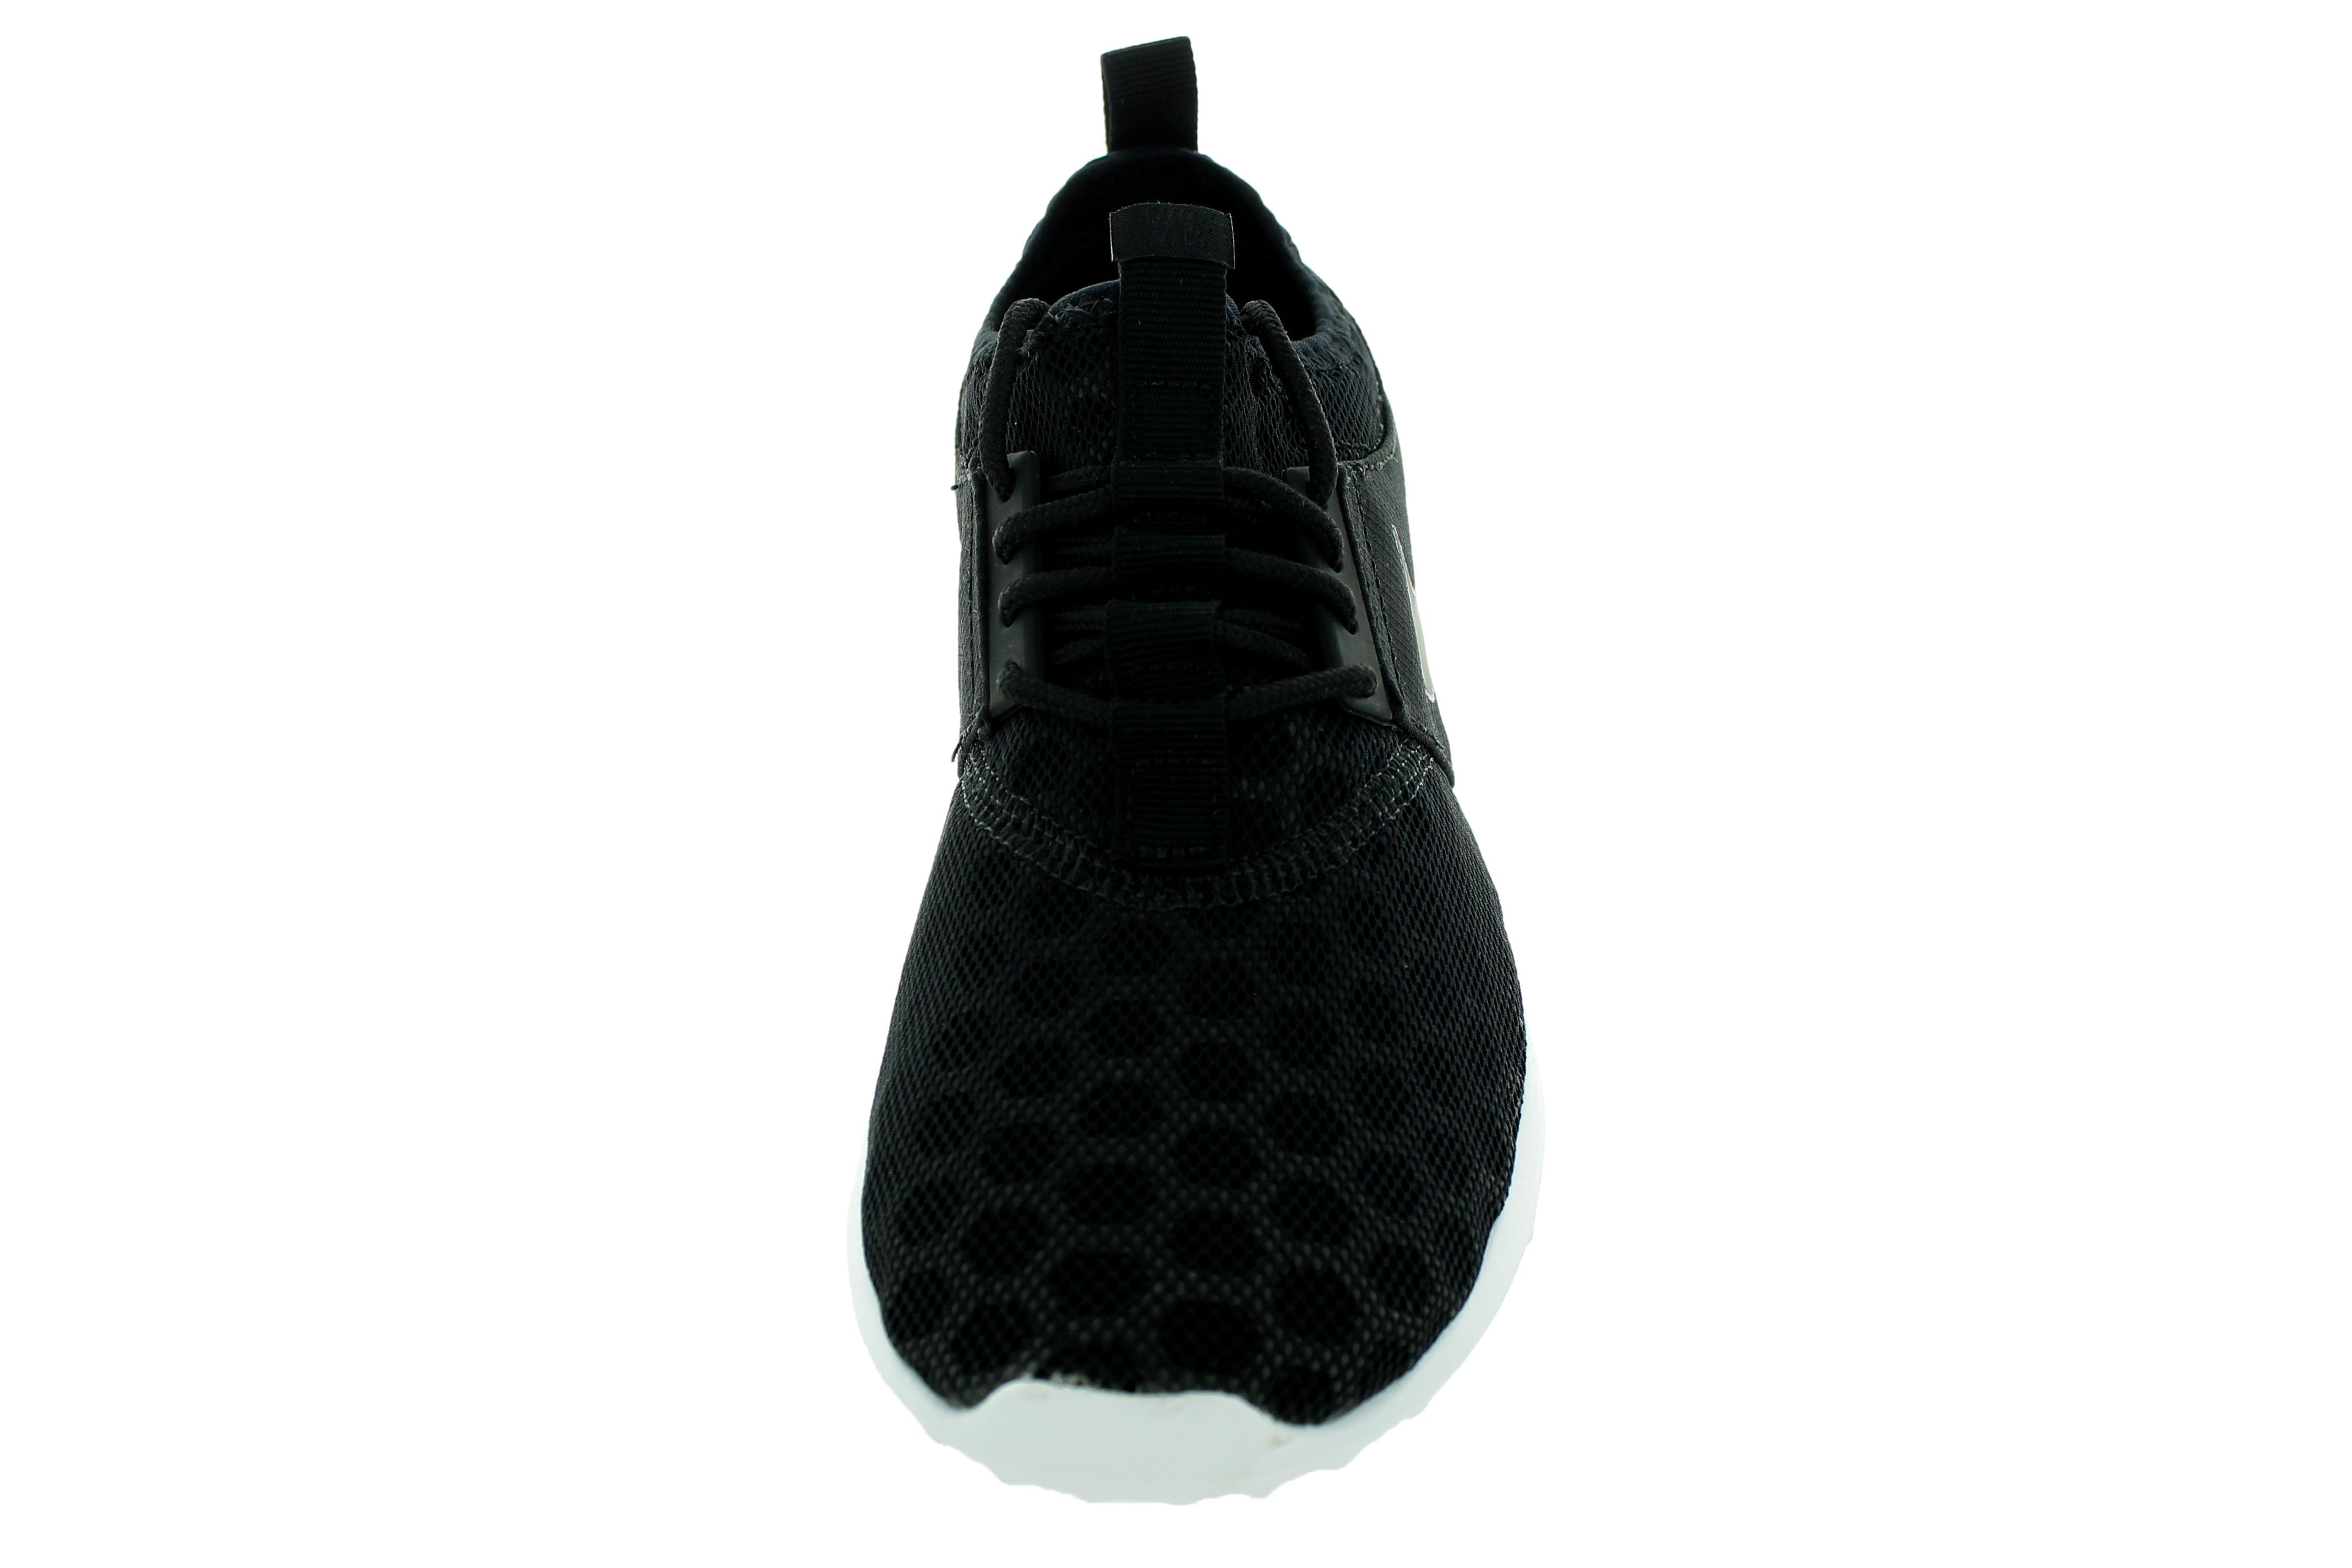 Nike Women's Juvenate Juvenate Juvenate Running Shoe 540aa9